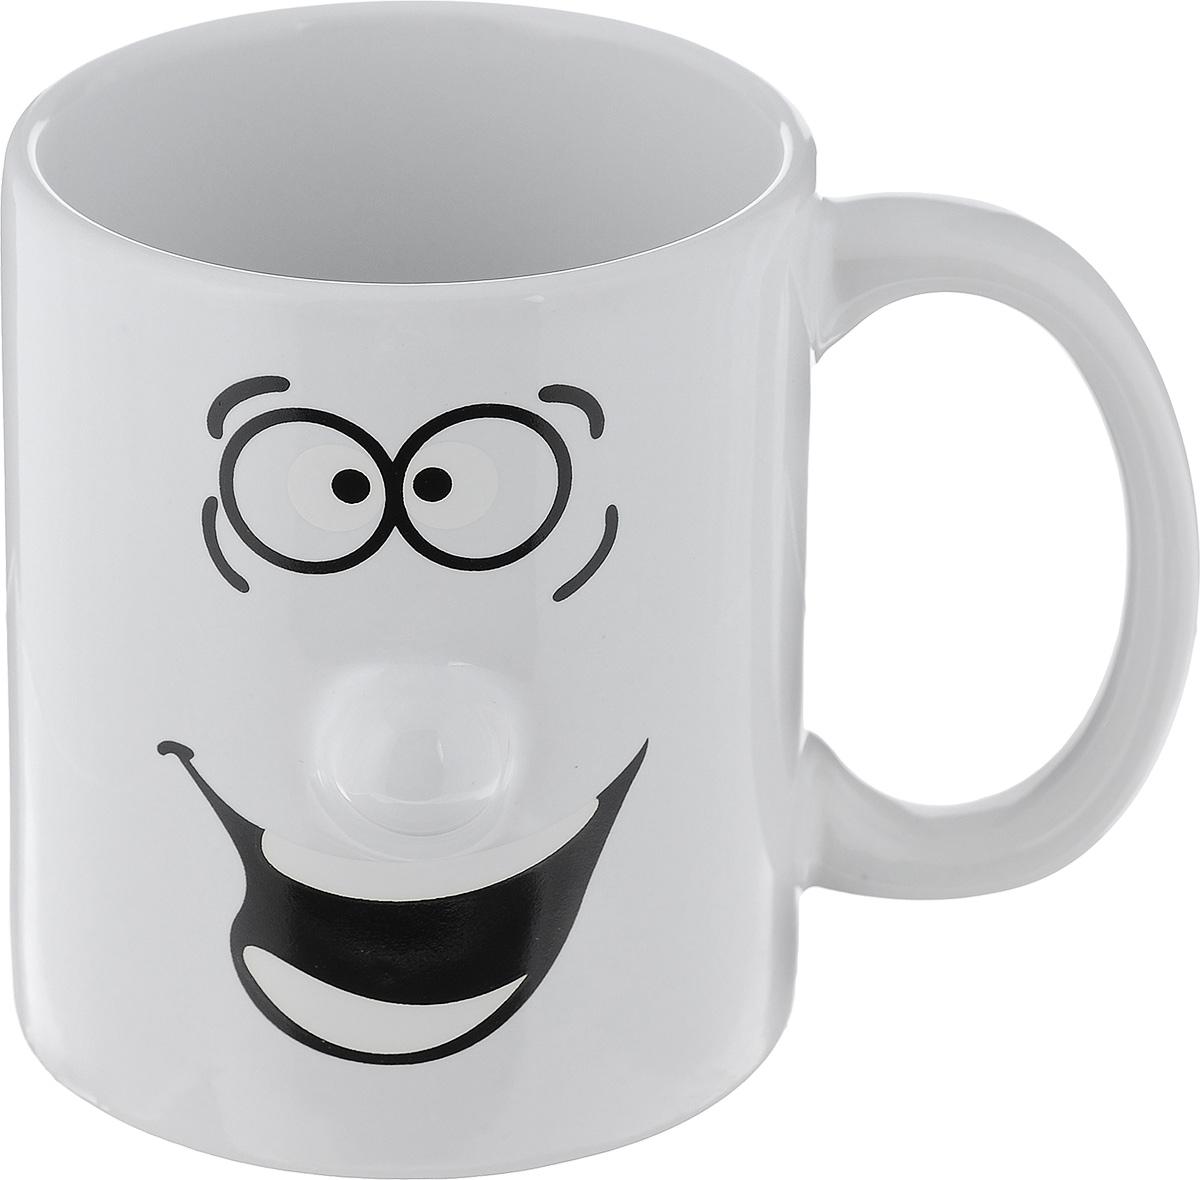 Кружка Walmer Smiley, цвет: белый, 300 мл54 009312Кружка Walmer Smiley выполнена из керамики и оформлена изображением забавного смайлика. Она станет отличным дополнением к сервировке семейного стола и замечательным подарком для ваших родных и друзей.Не рекомендуется применять абразивные моющие средства.Диаметр кружки по верхнему краю: 8 см.Высота кружки: 9,5 см.